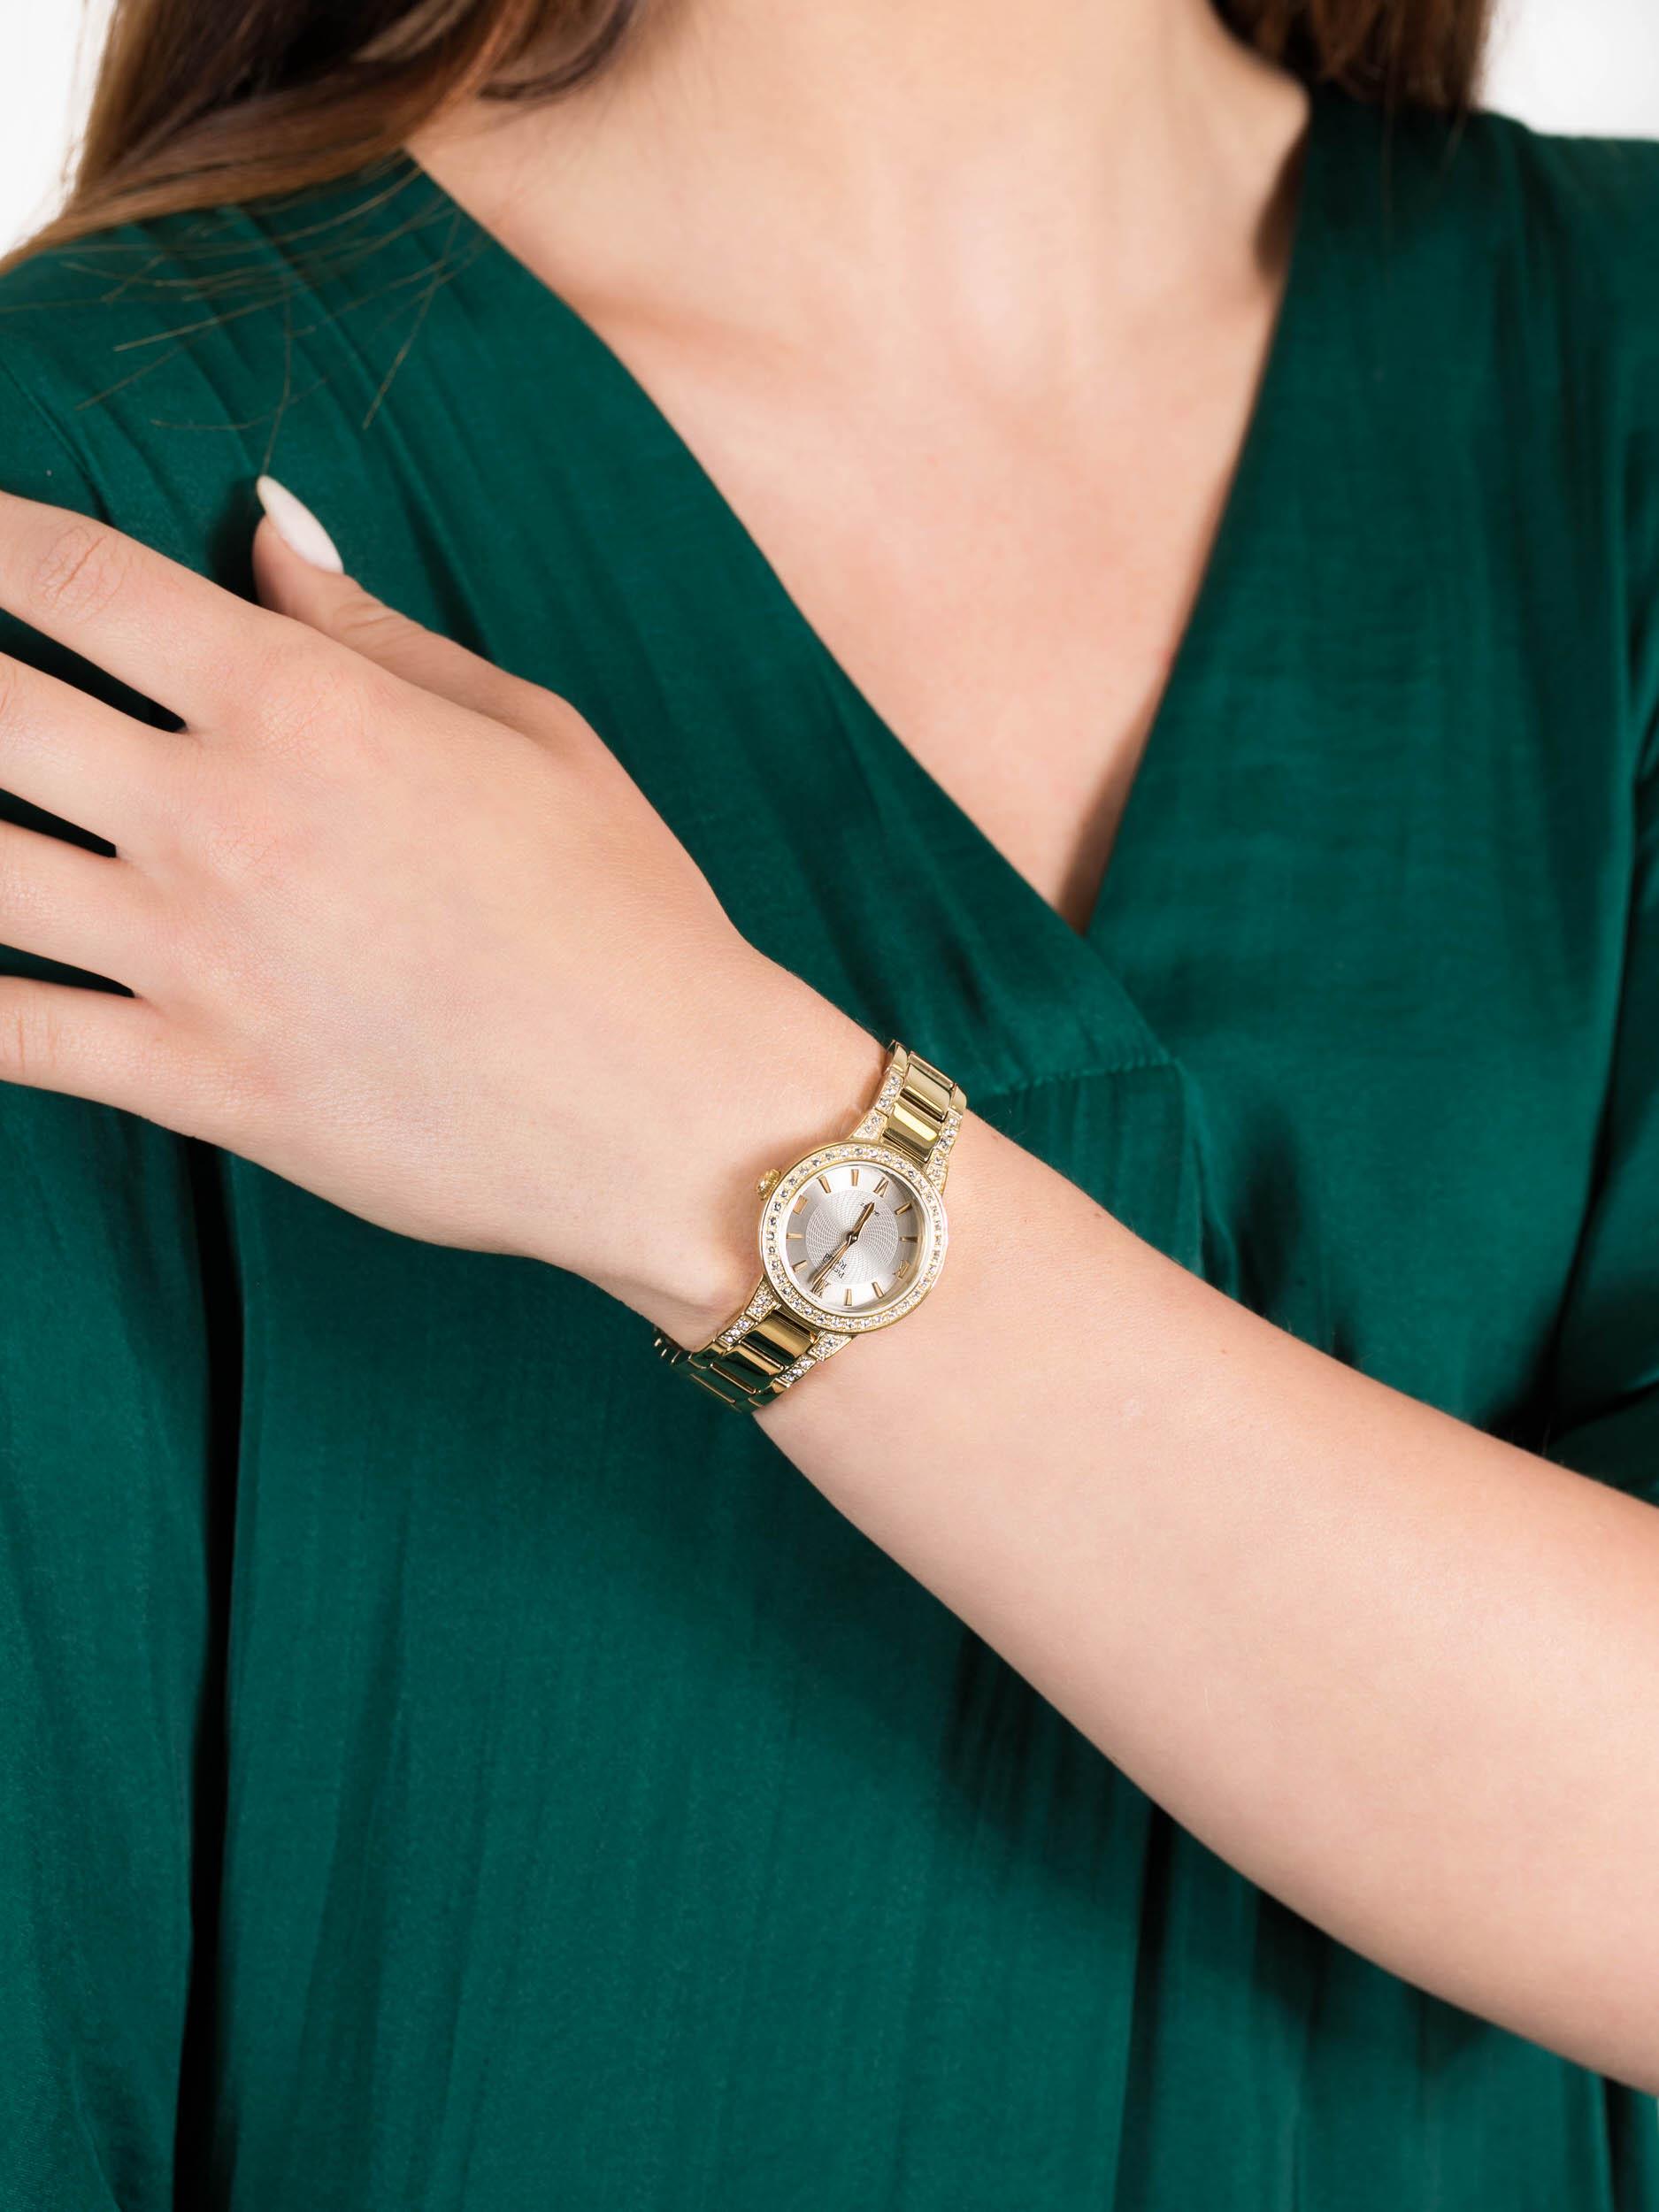 Pierre Ricaud P21074.1167QZ damski zegarek Bransoleta bransoleta